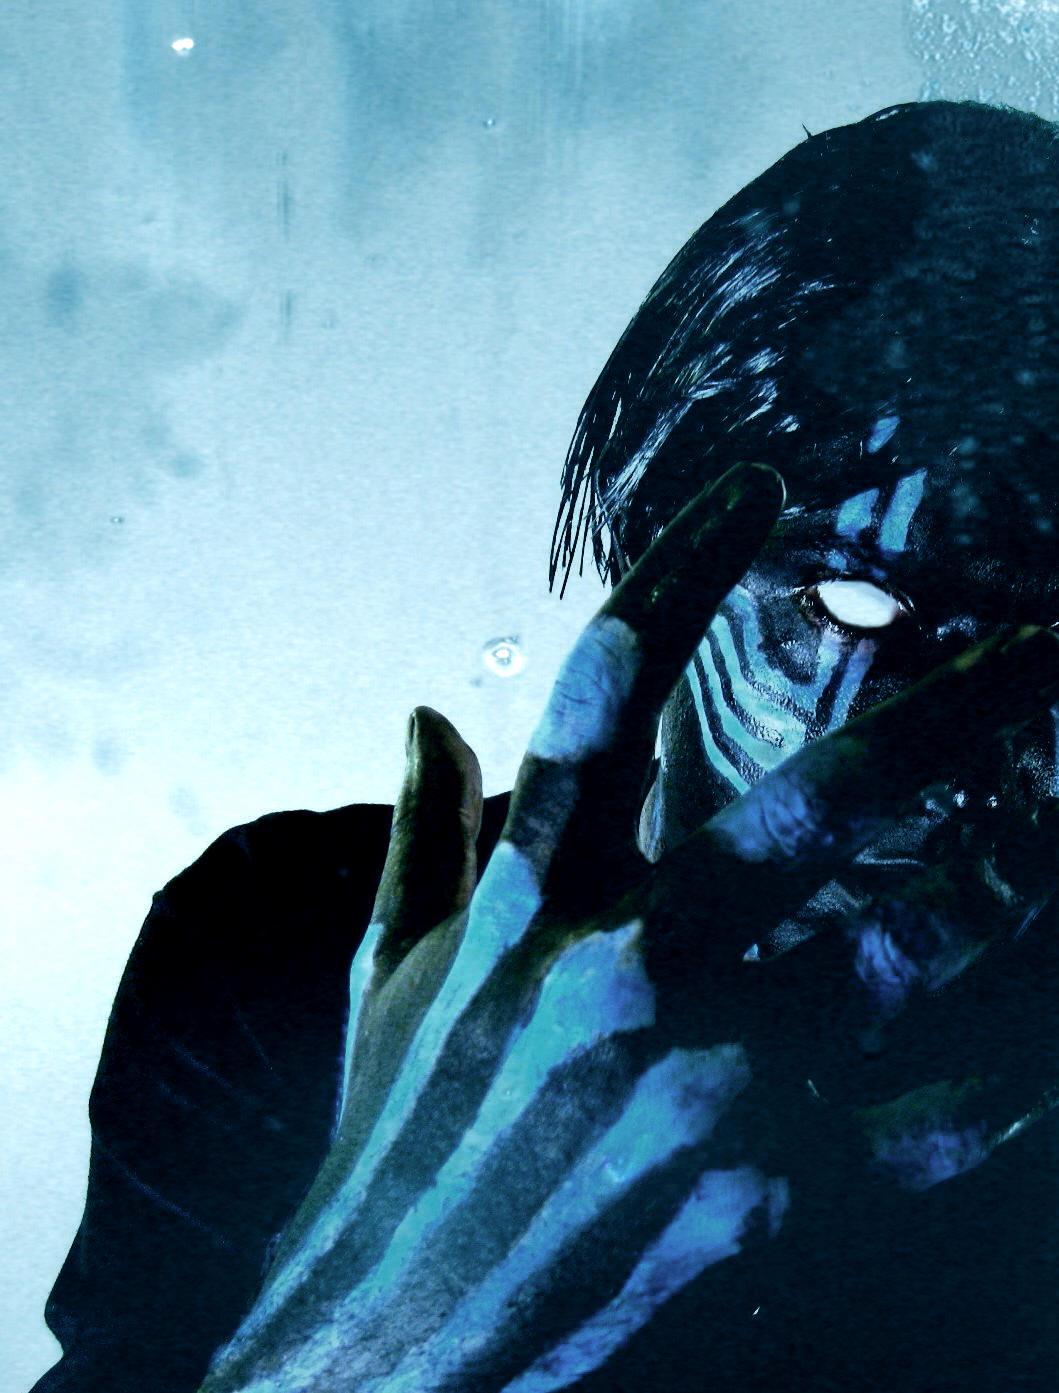 yume-ninja's Profile Picture